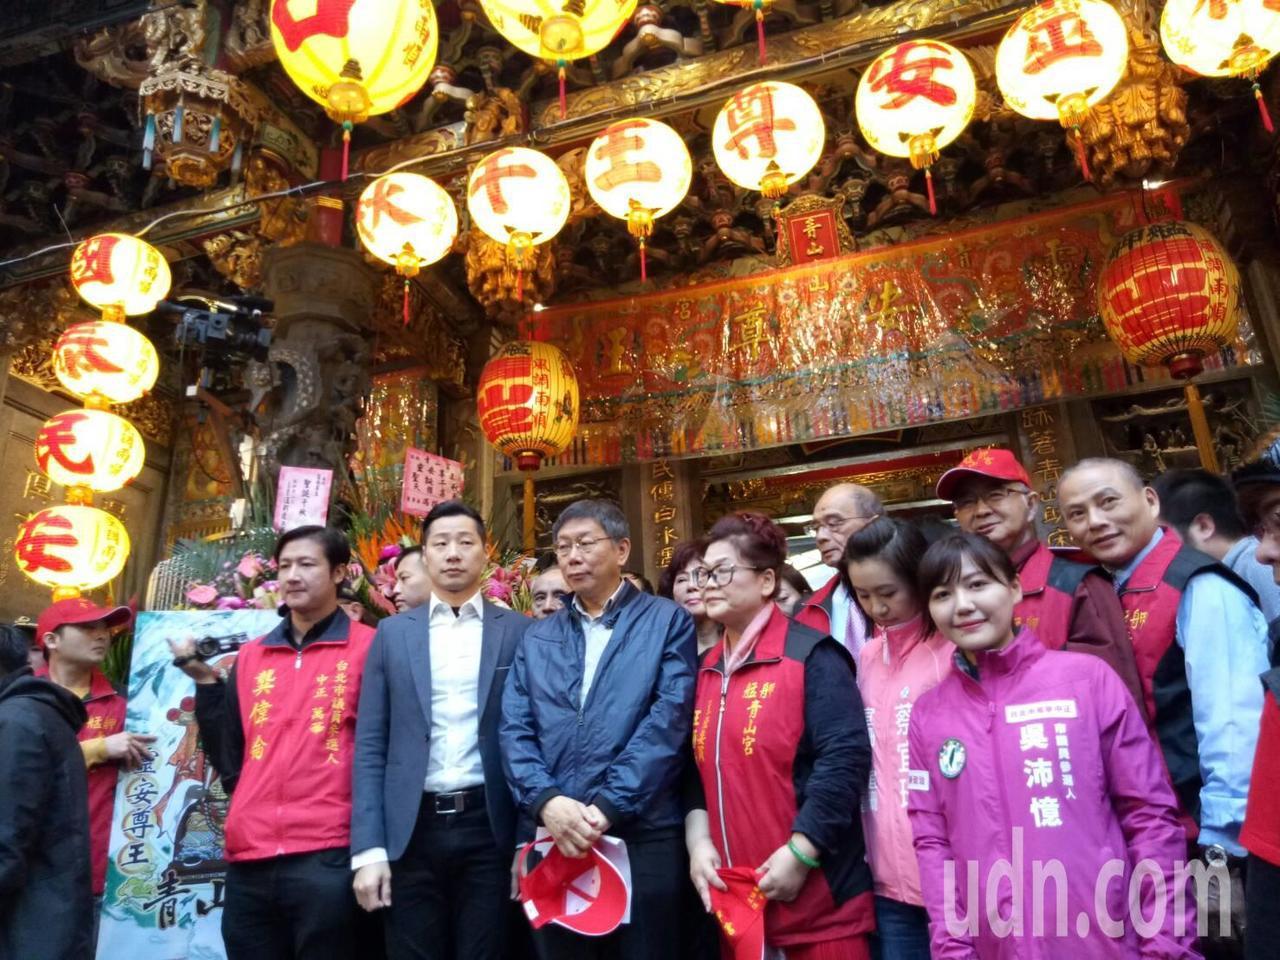 萬華青山宮一年一度的「青山王祭」今天下午登場,市長柯文哲、立委林昶佐都到場參與。...